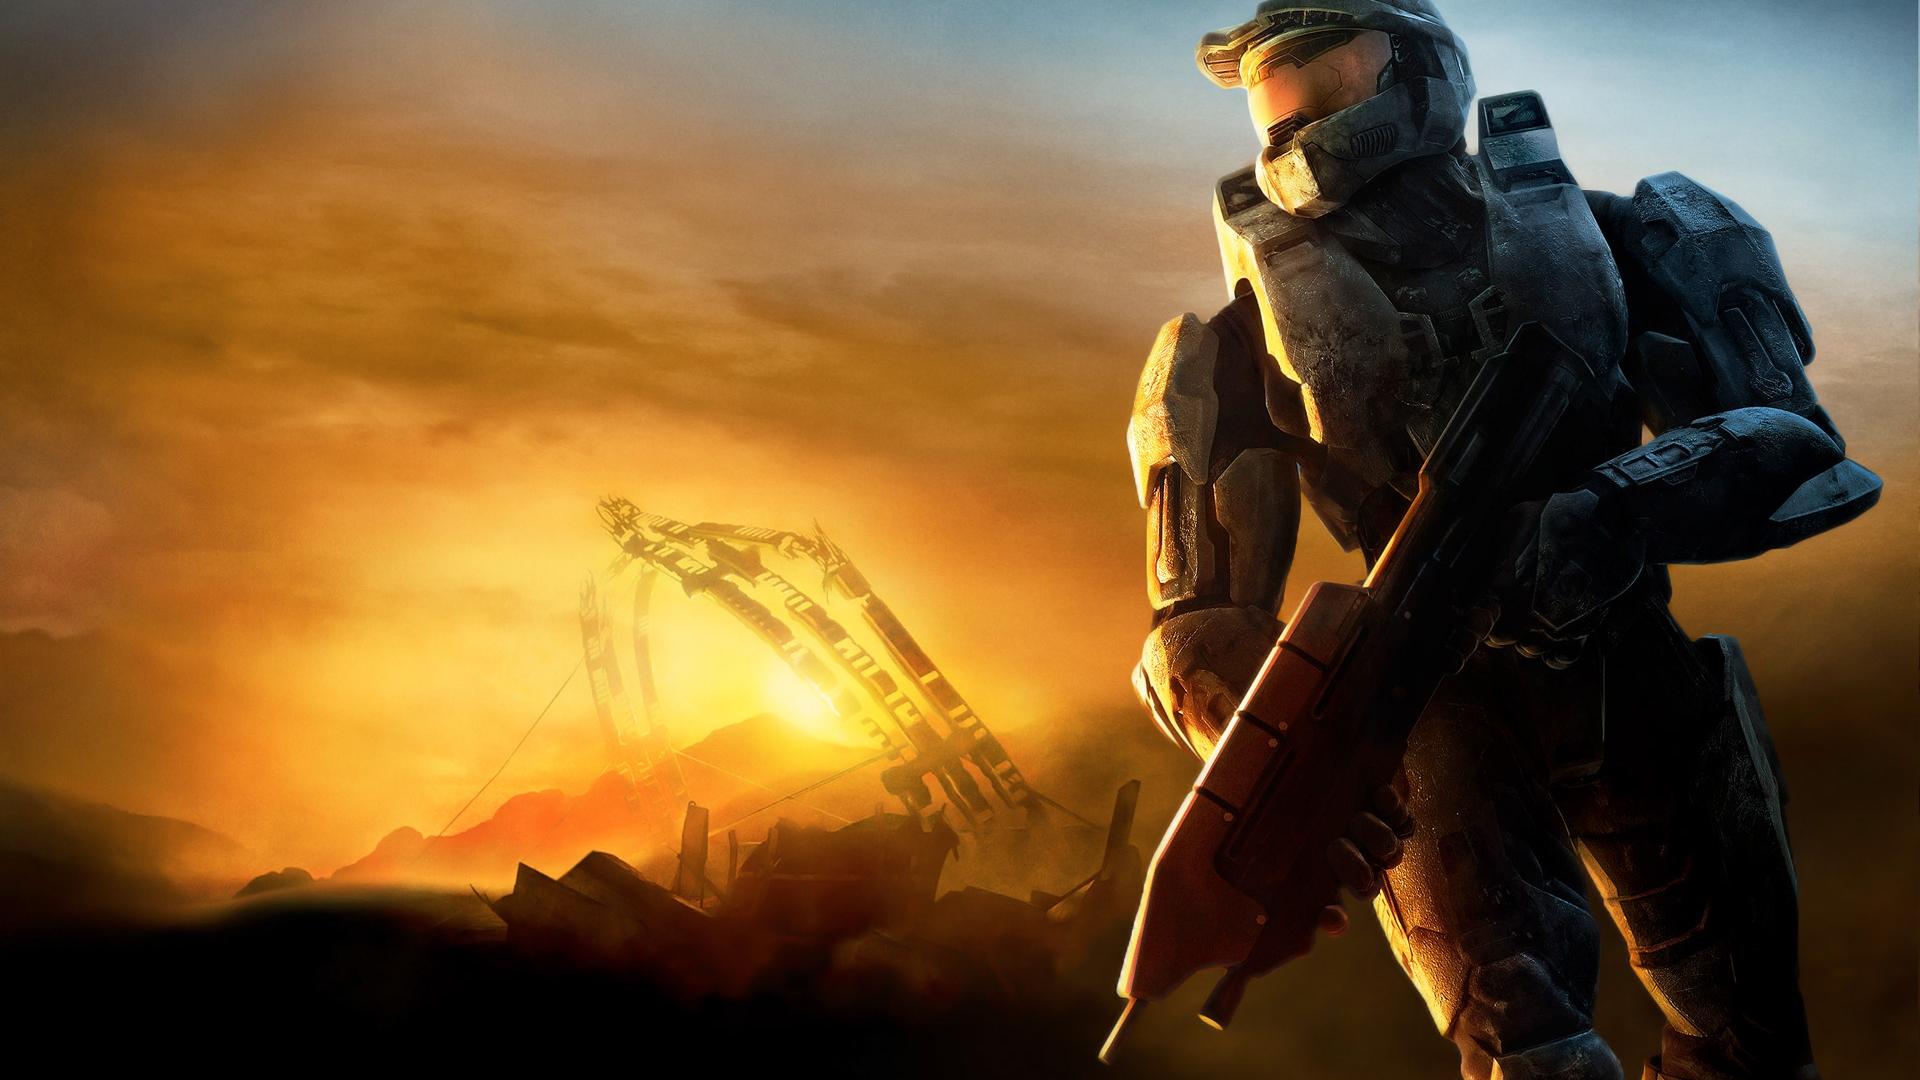 солдат, шлем, оружие